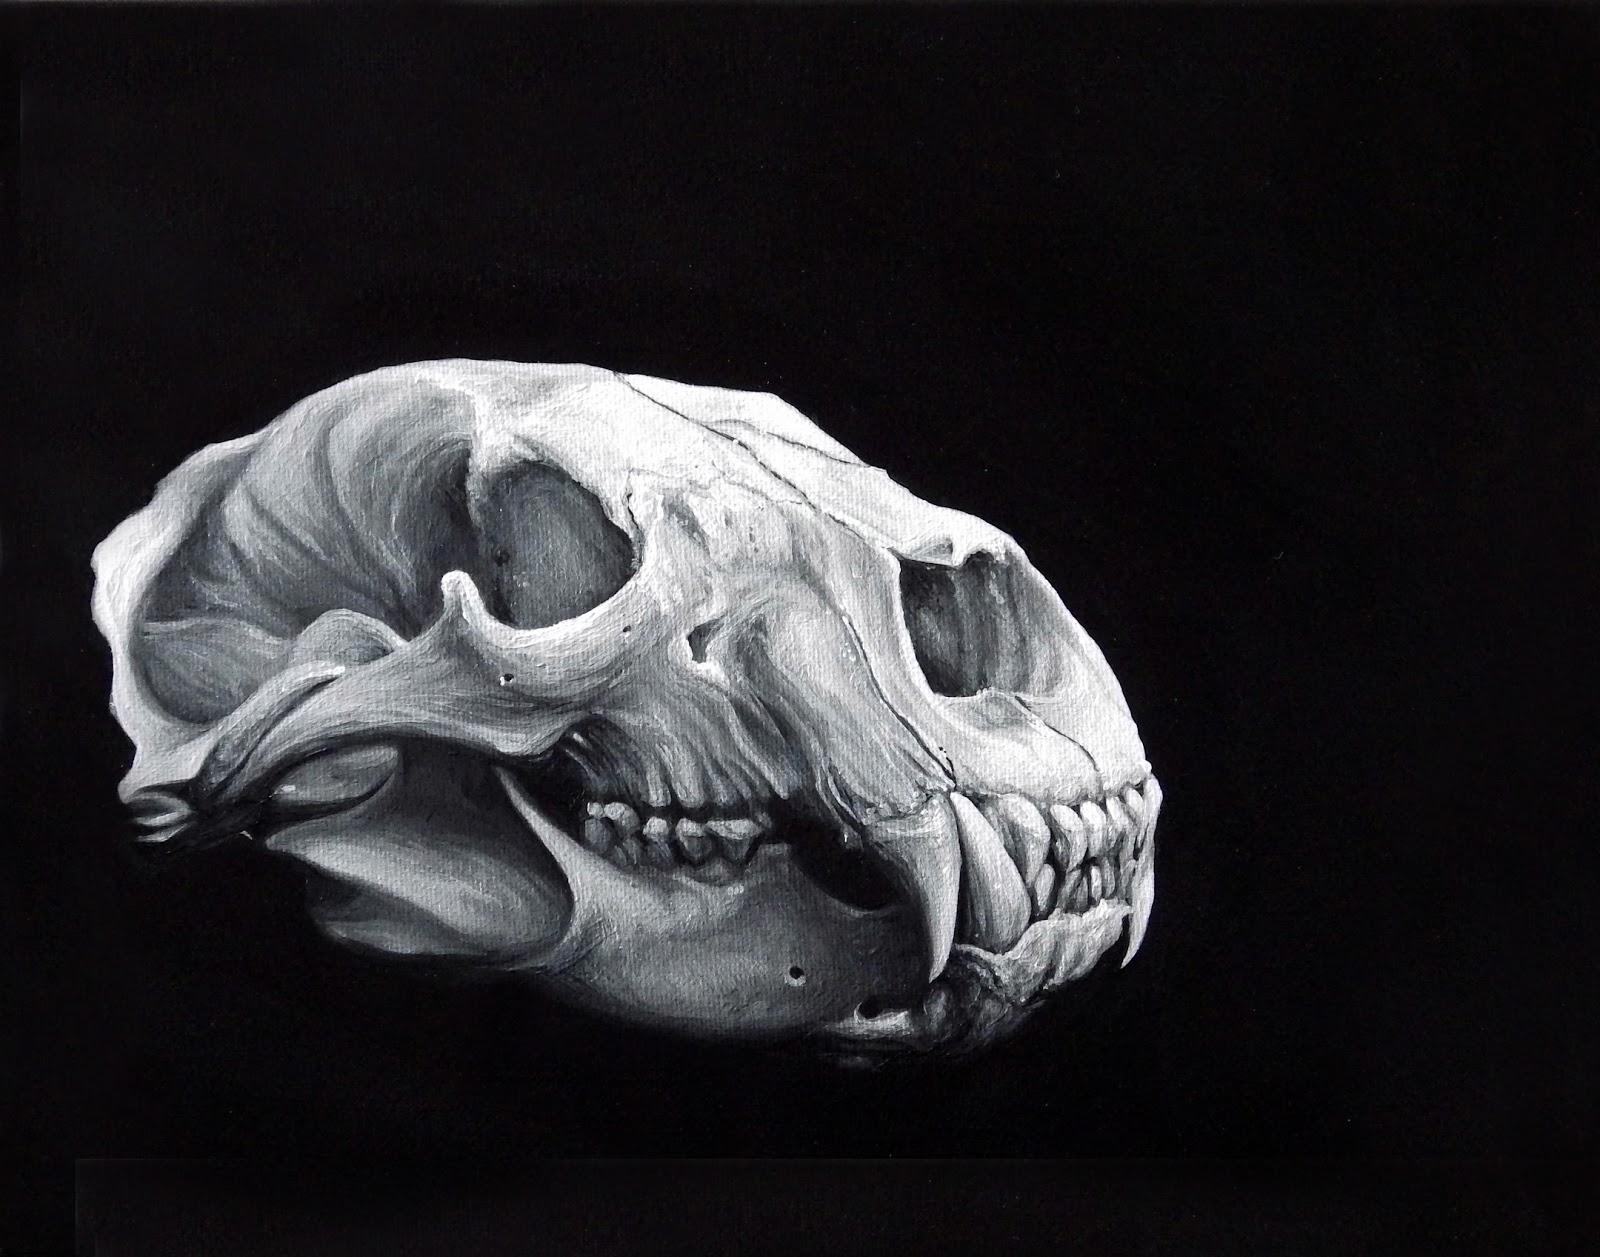 Social Filter: Bear Skull Study